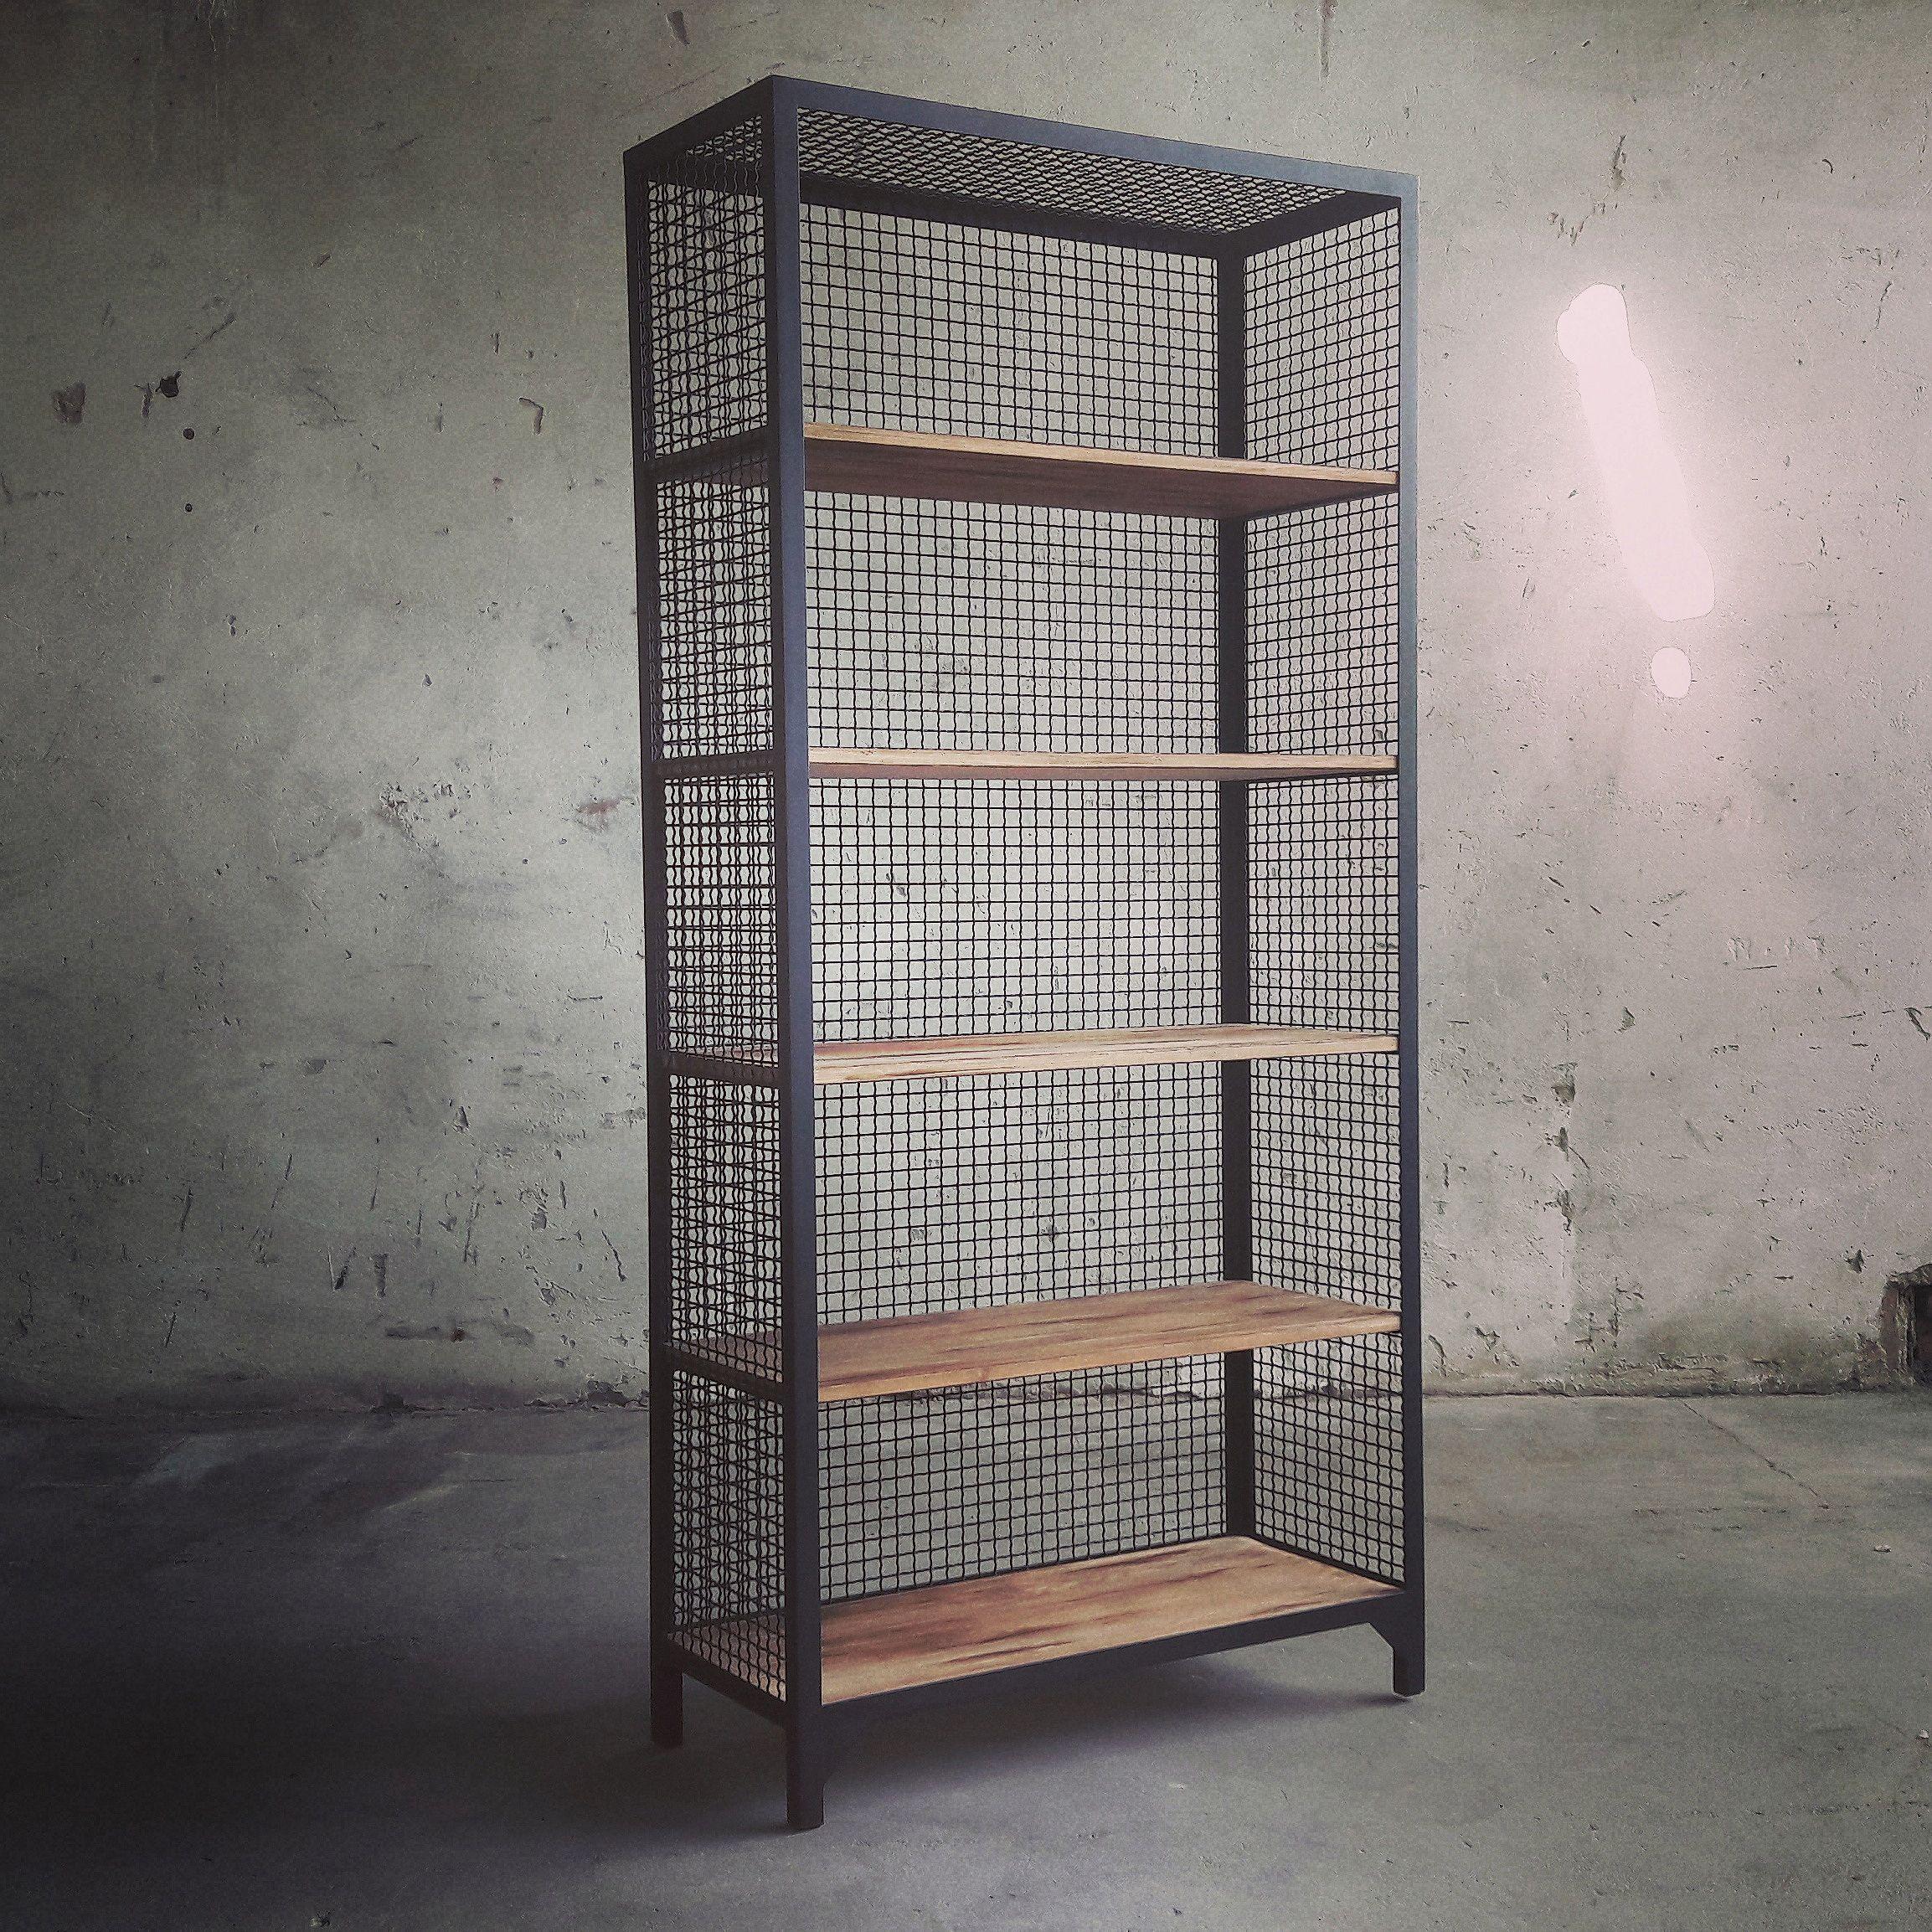 Full Size of Regalwürfel Metall Clatri Bcherregal Regal Mit Bildern Aus Regale Bett Weiß Wohnzimmer Regalwürfel Metall